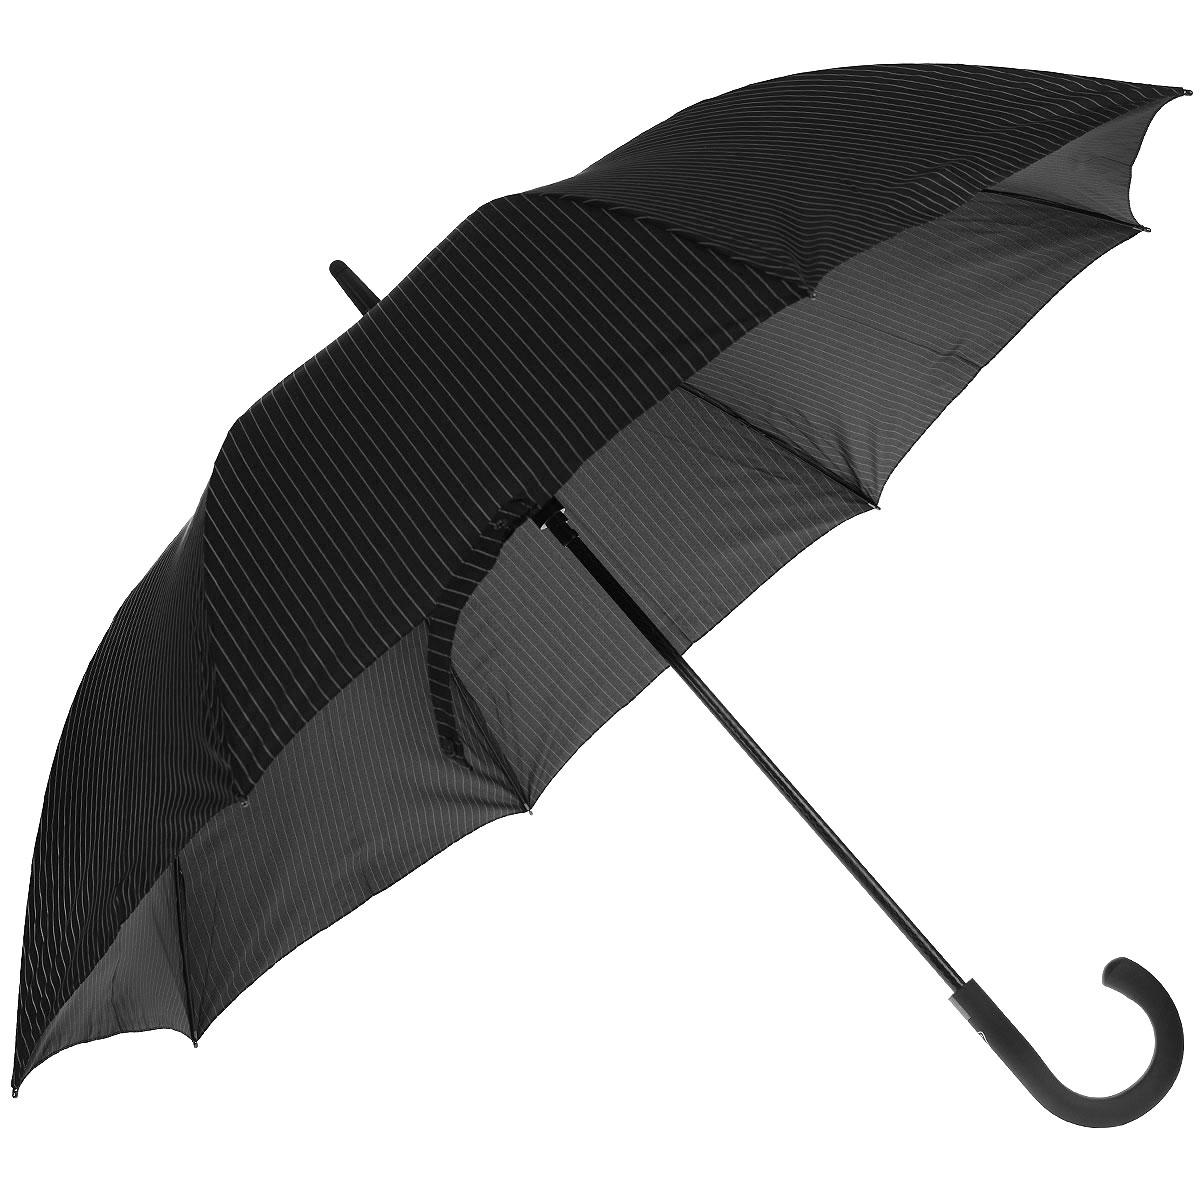 Зонт-трость мужской Knights bridge, полуавтомат, цвет: черныйG451 2F2162Стильный зонт-трость Knights bridge даже в ненастную погоду позволит вам оставаться элегантным. Облегченный каркас зонта выполнен из 8 спиц из фибергласса. Купол зонта выполнен из прочного полиэстера и оформлен принтом в полоску. Рукоятка закругленной формы разработана с учетом требований эргономики и выполнена из прорезиненного пластика. Зонт имеет полуавтоматический тип сложения: купол открывается нажатием кнопки и закрывается вручную до характерного щелчка. Такой зонт не только надежно защитит вас от дождя, но и станет стильным аксессуаром.